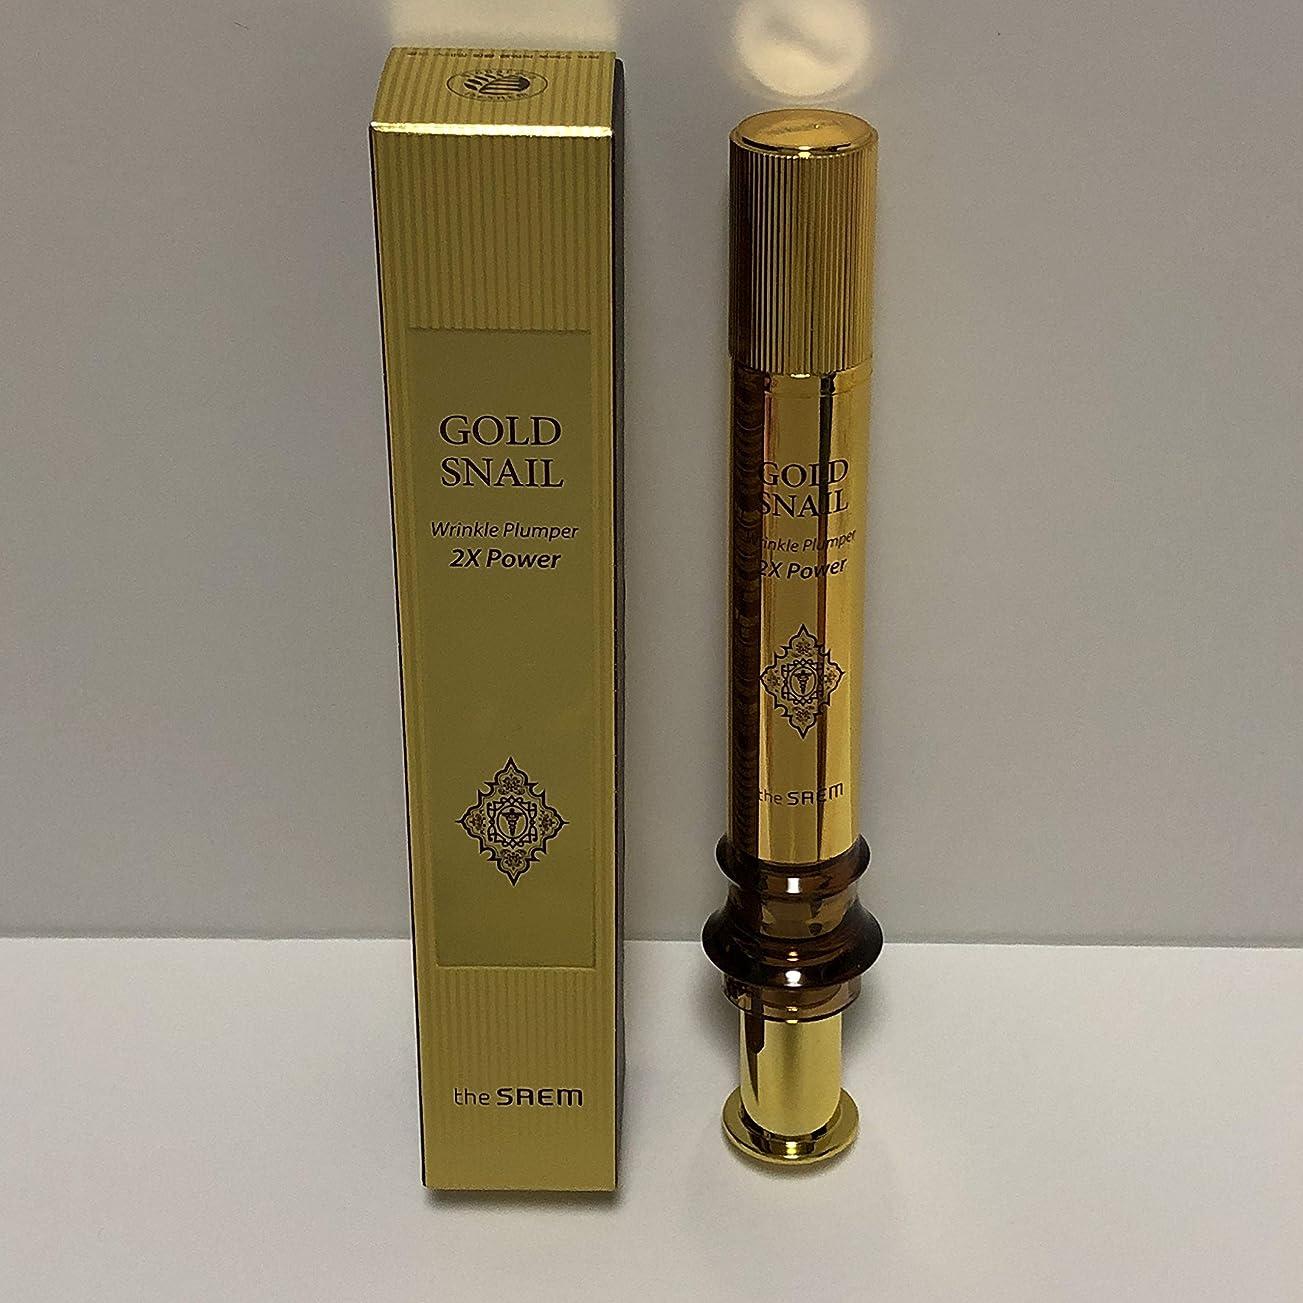 何治安判事安西The Saem Gold Snail Wrinkle Plumper 2X Power 12ml / ザセム ゴールド カタツムリ リンクル プルーパー2Xパワー [並行輸入品]